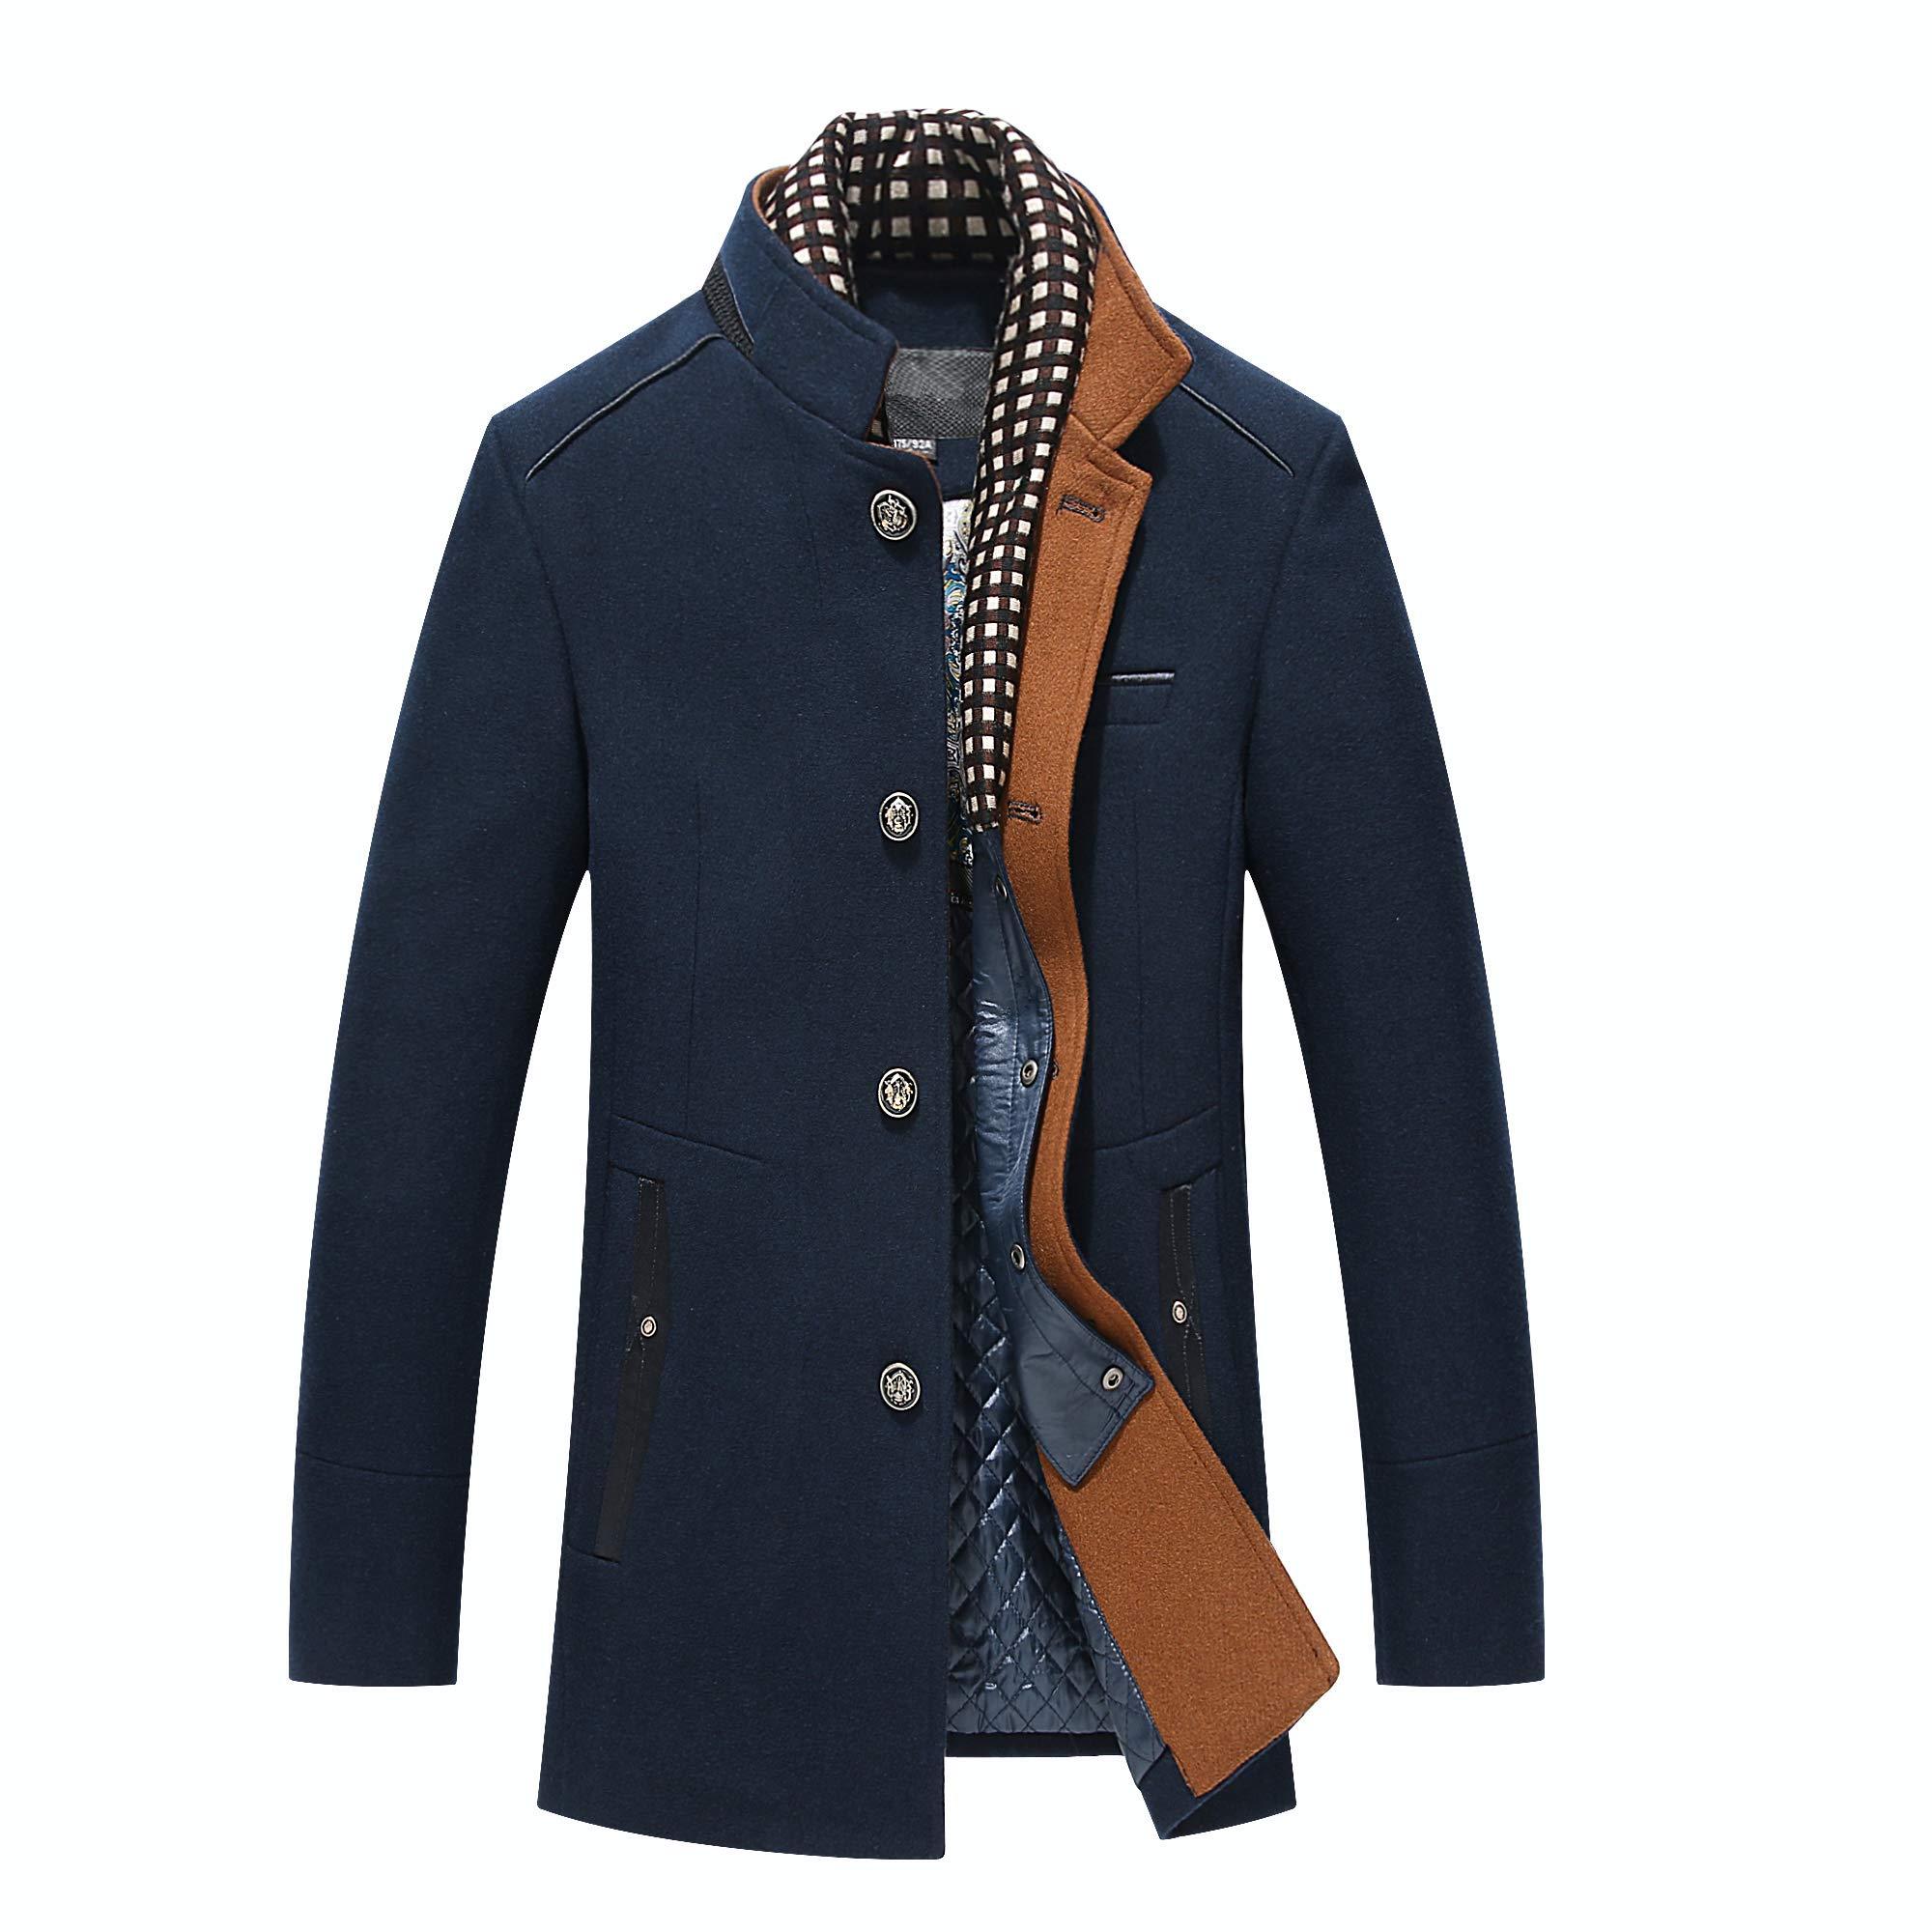 PRIJOUHE Men's Wool Coat Winter Coat Slim Medium Long Coats Overcoat Male by PRIJOUHE